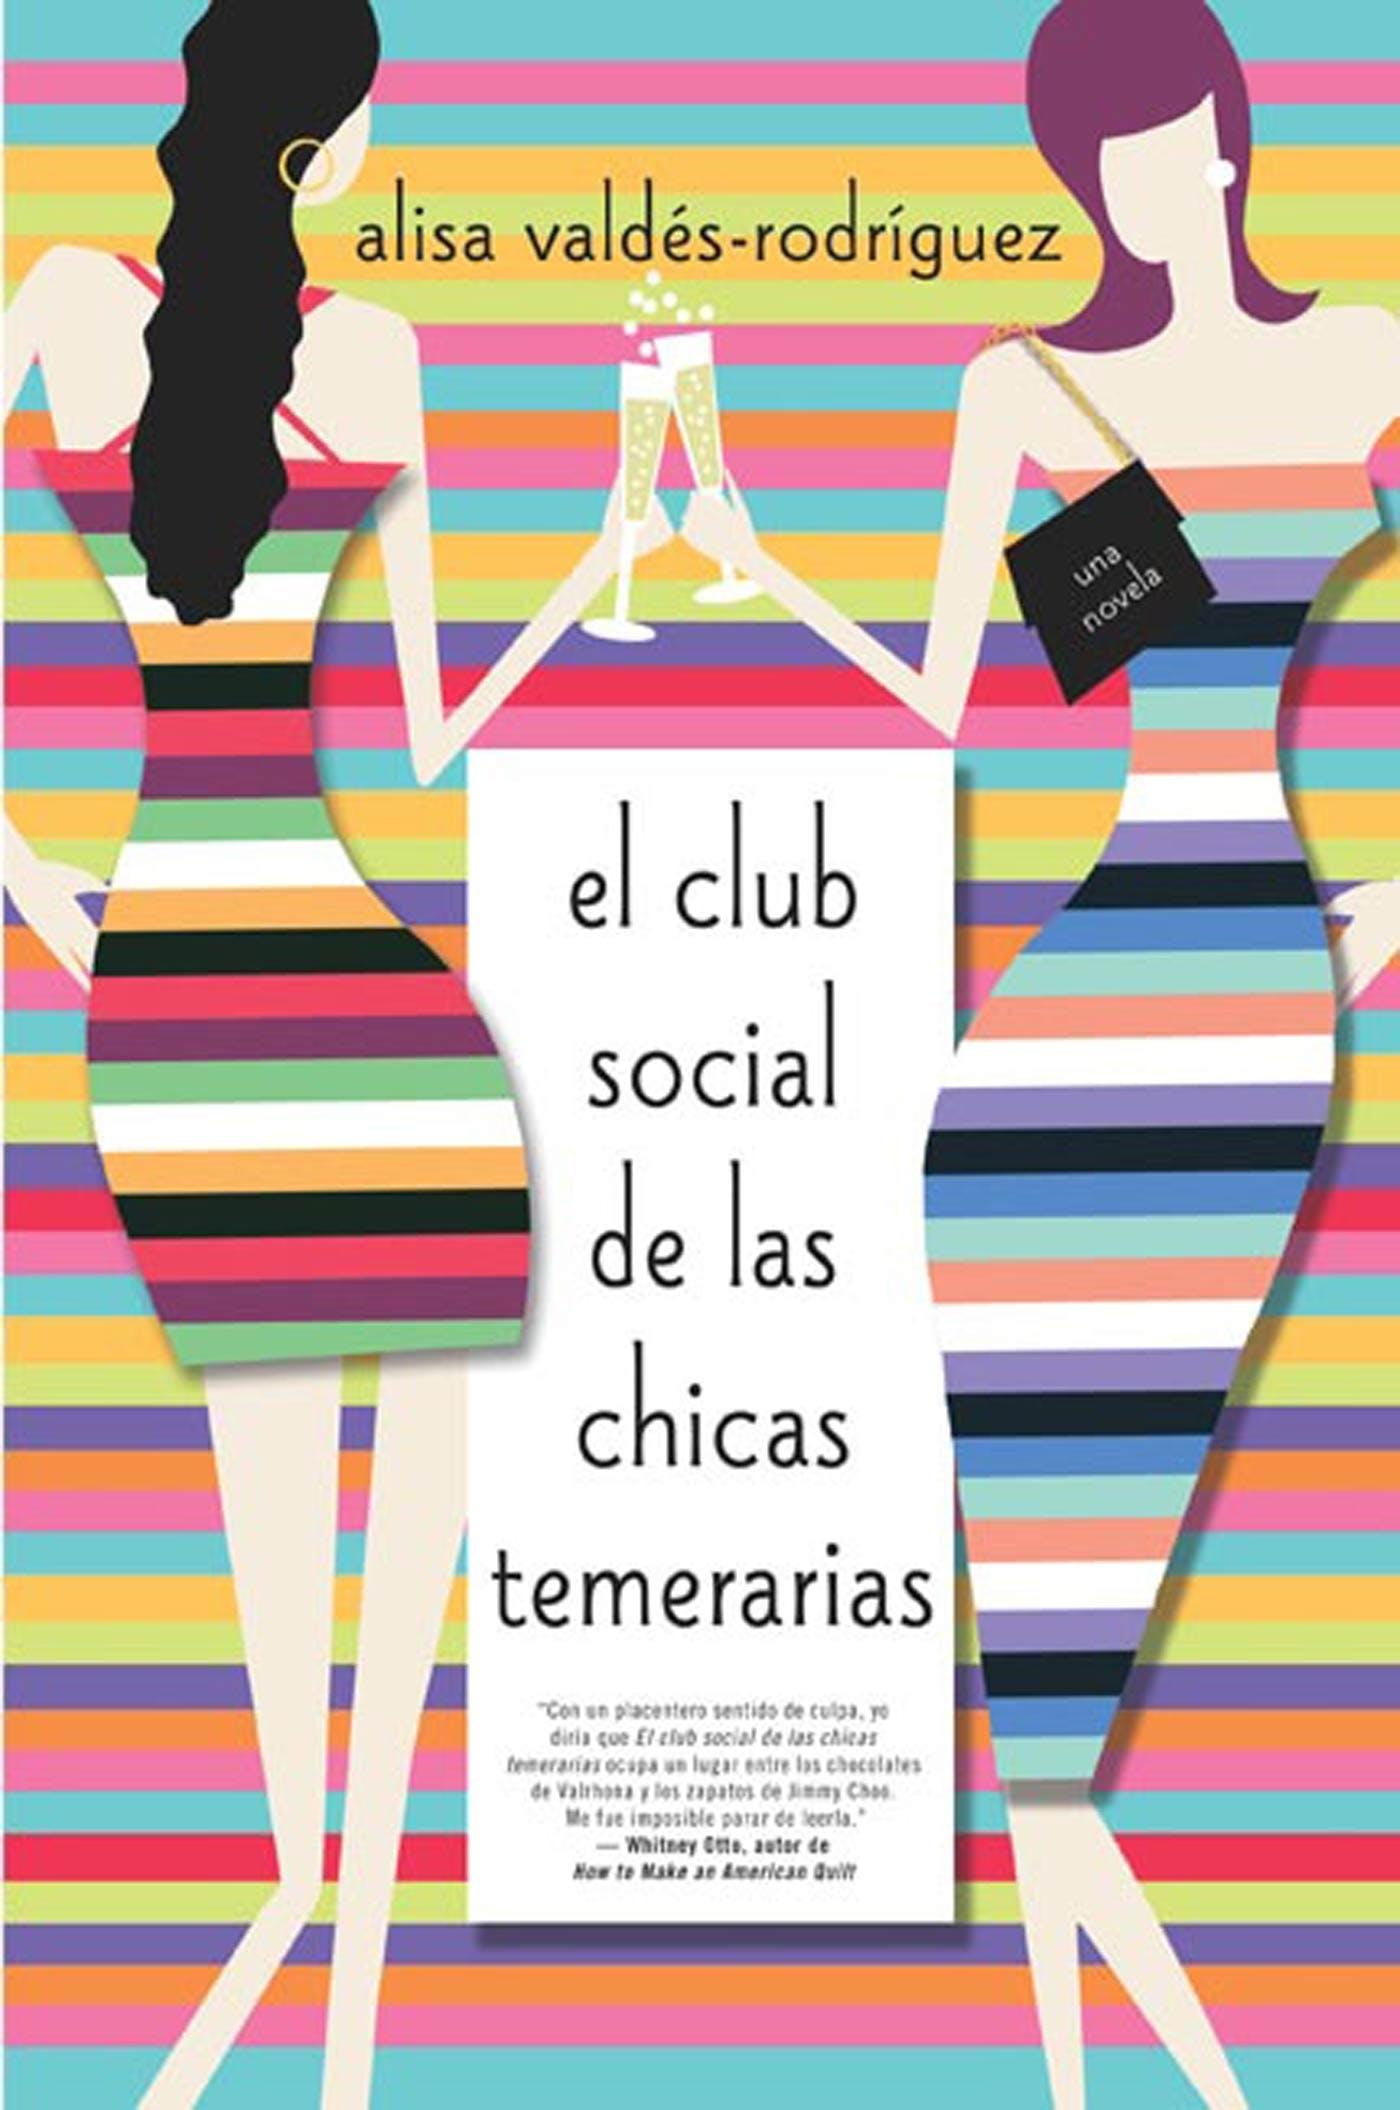 Image of El club social de las chicas temerarias